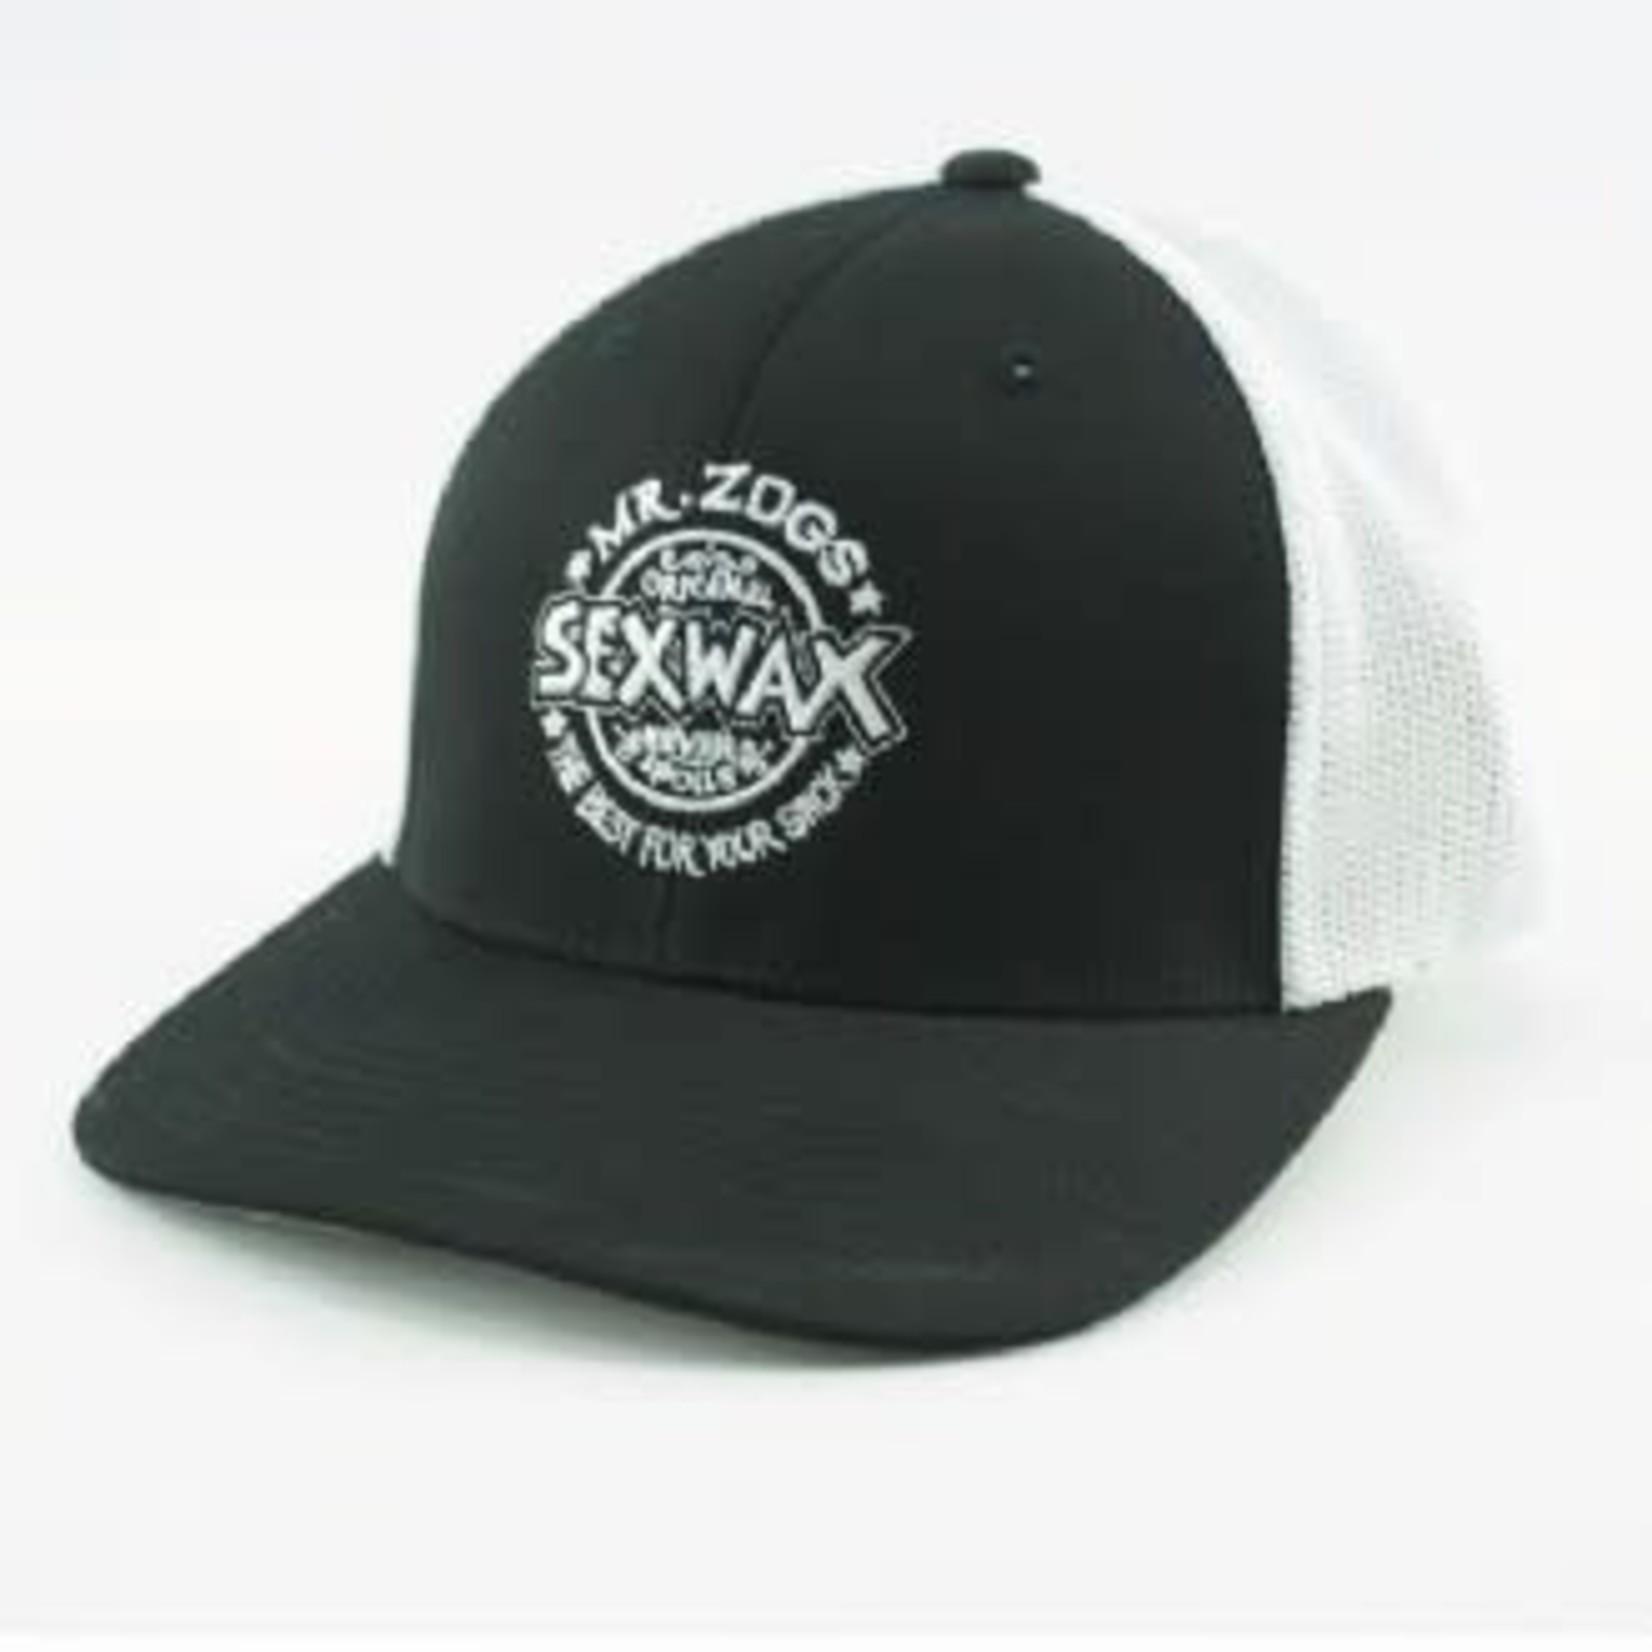 SEX WAX SEX WAX Classic Logo Mesh Back Trucker Hat